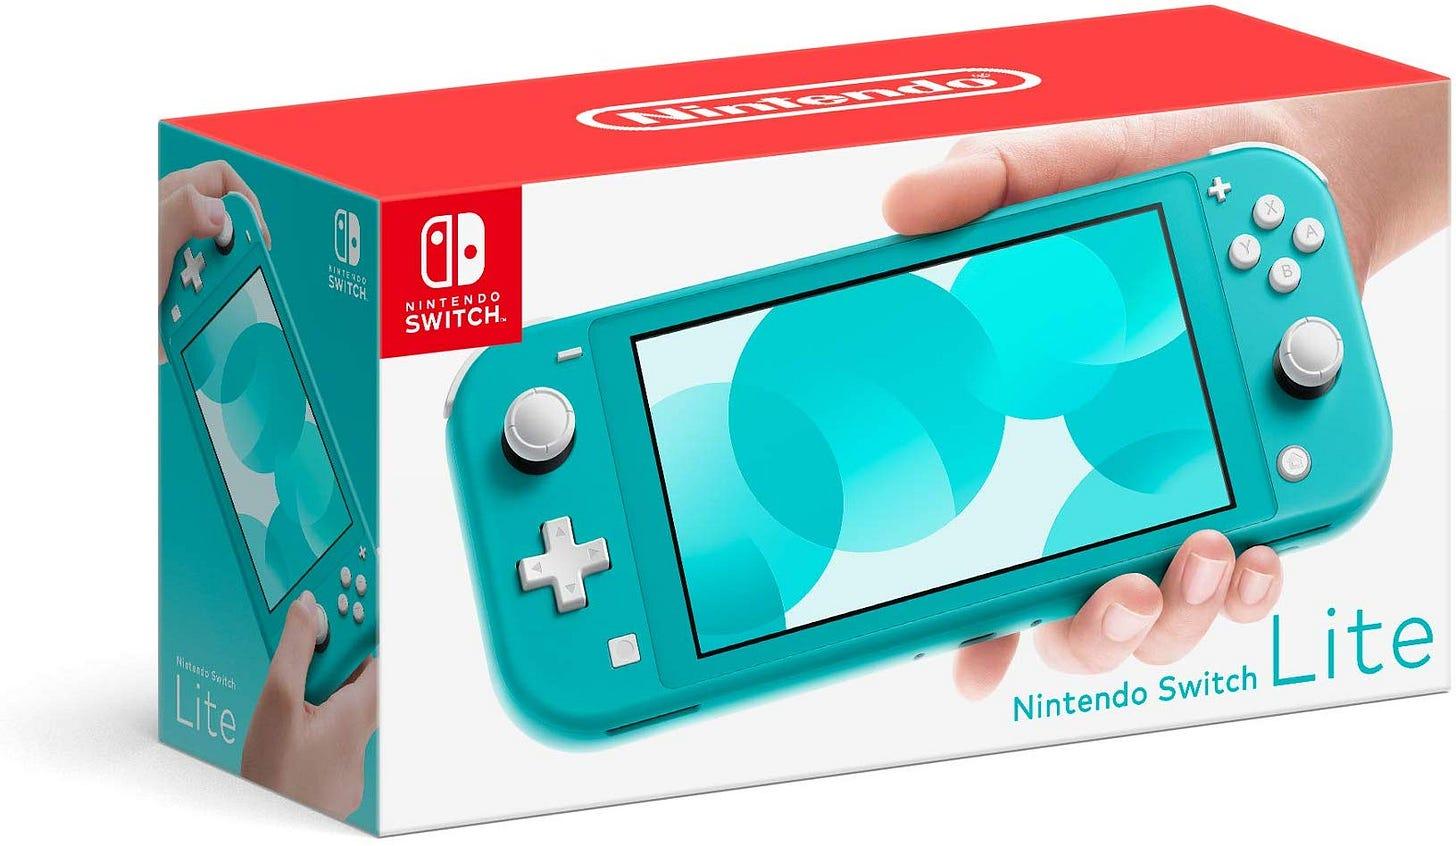 Nintendo Switch Lite Pre-Orders Open